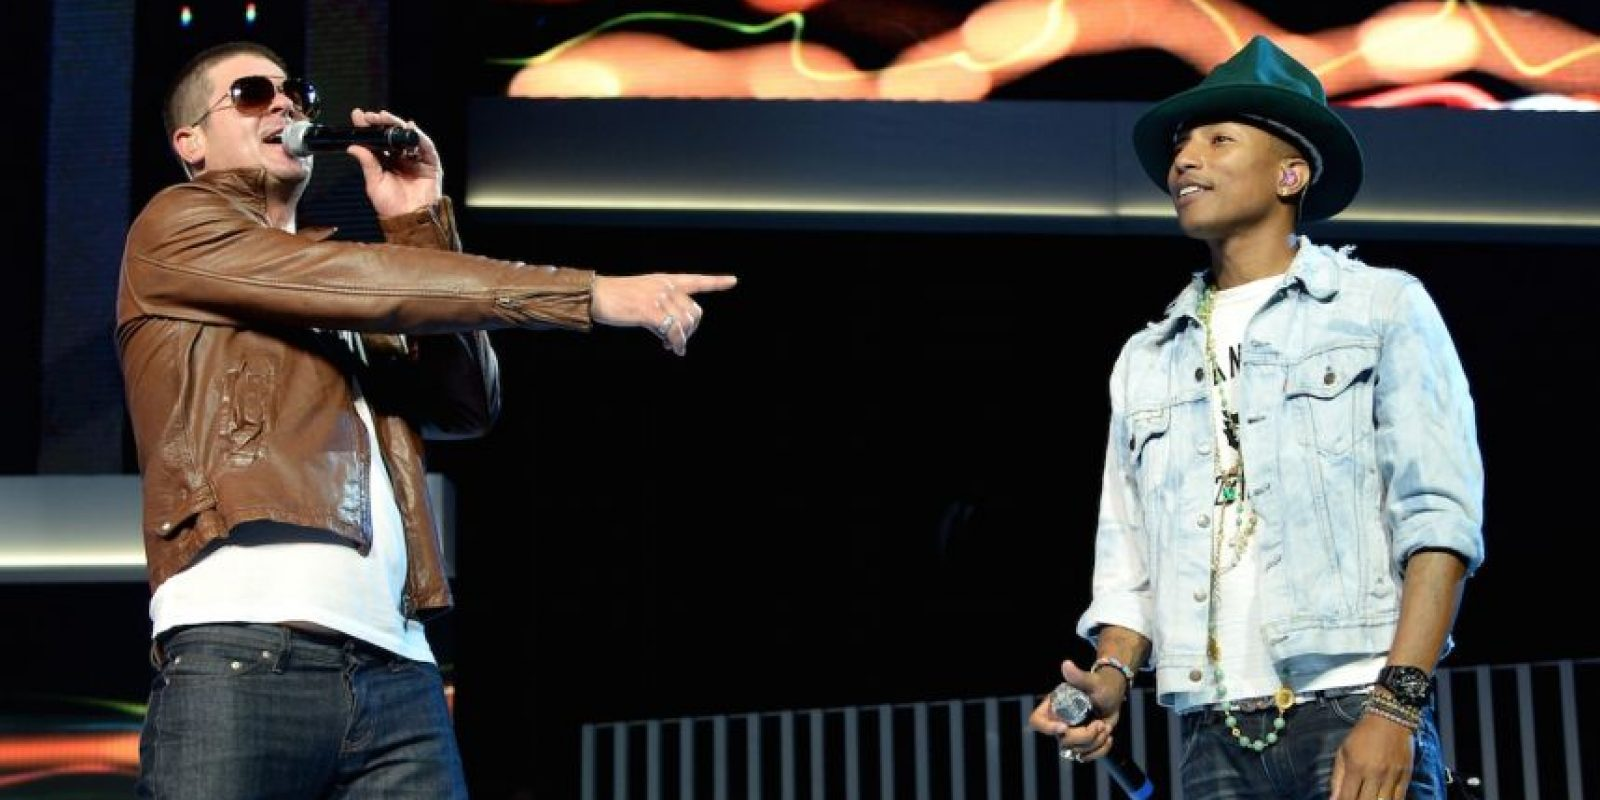 """""""Pharrel y yo estábamos en el estudio y le dije que una de mis canciones favoritas era la de Marvin Gaye """"Got to dive it up"""", deberiamos hacer algo así con ese groove, entonces él empezó a tocar un poco y literalmente escribió la canción en media hora y la grabamos"""", declaró Robin Thicke en septiembre de 2014 Foto:Getty images"""